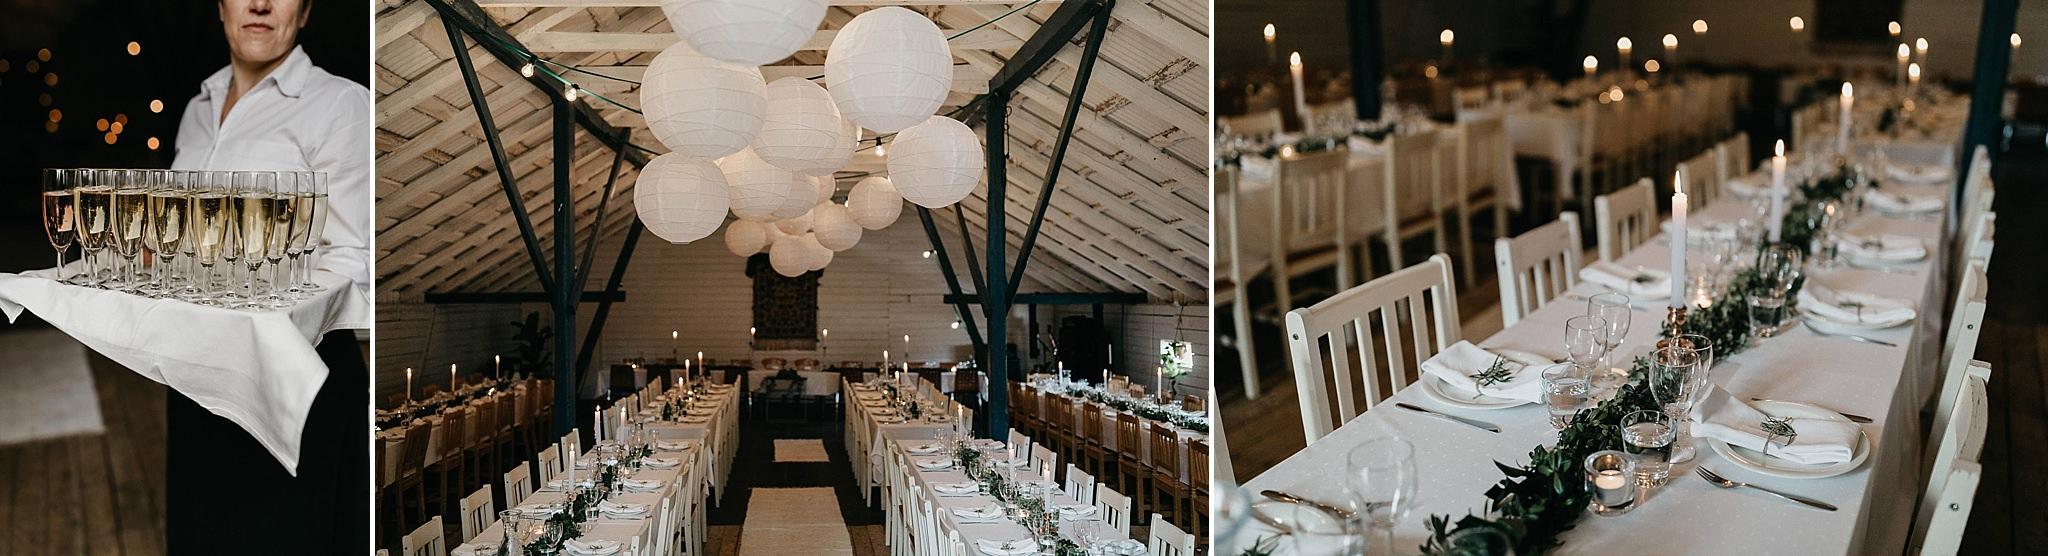 Haakuvaus_wedding_jyvaskyla_muurame_tuomiston_tila_0102.jpg